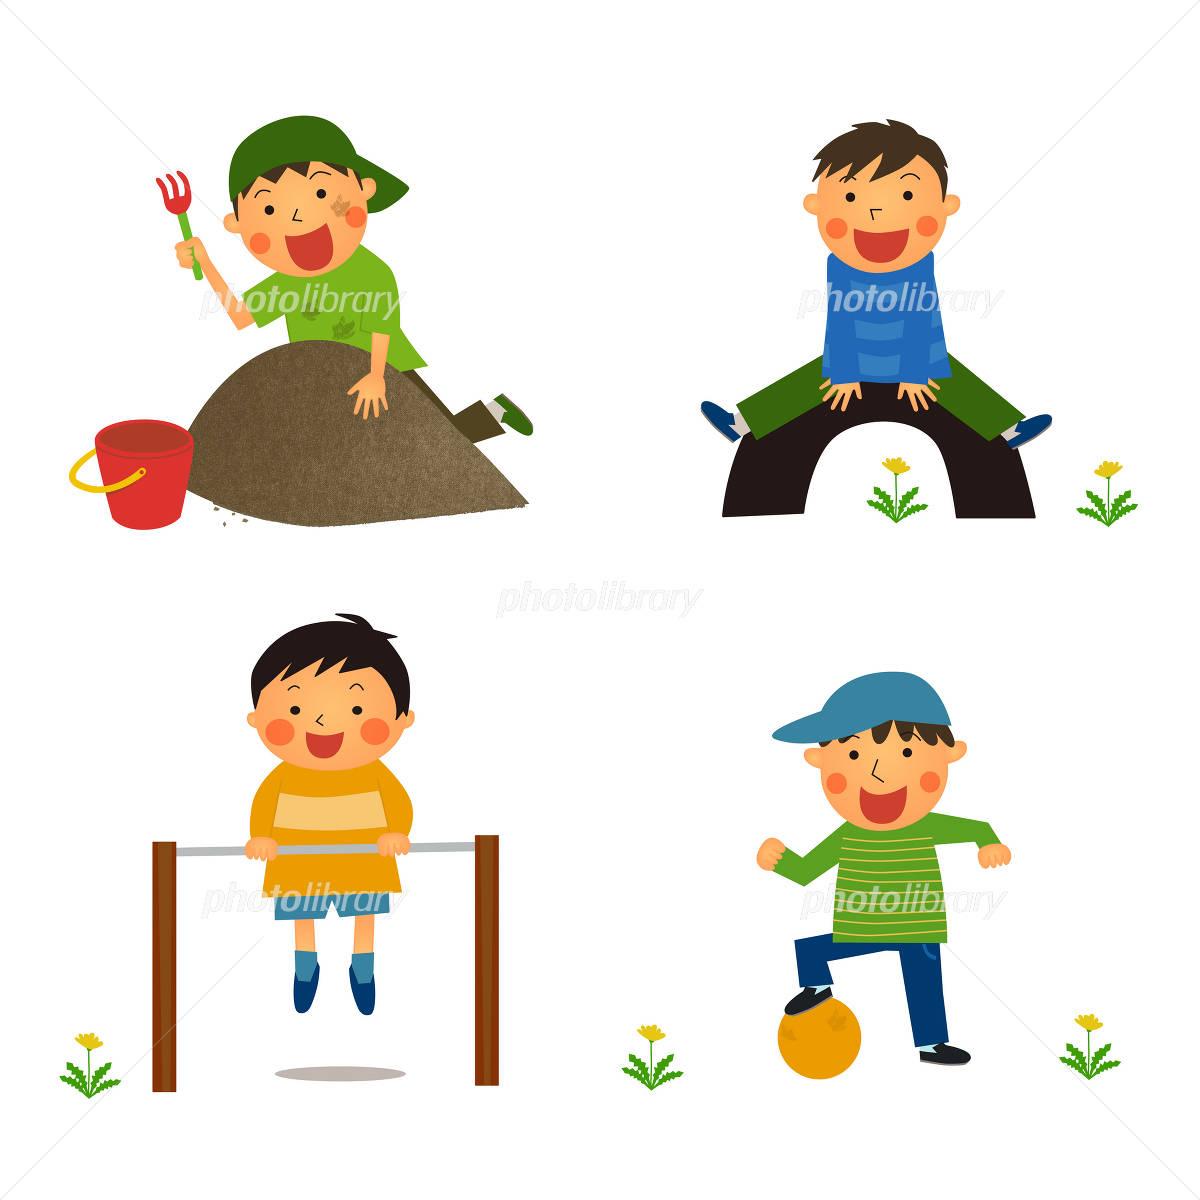 外遊びをする男の子 イラスト素材 2569595 フォトライブラリー